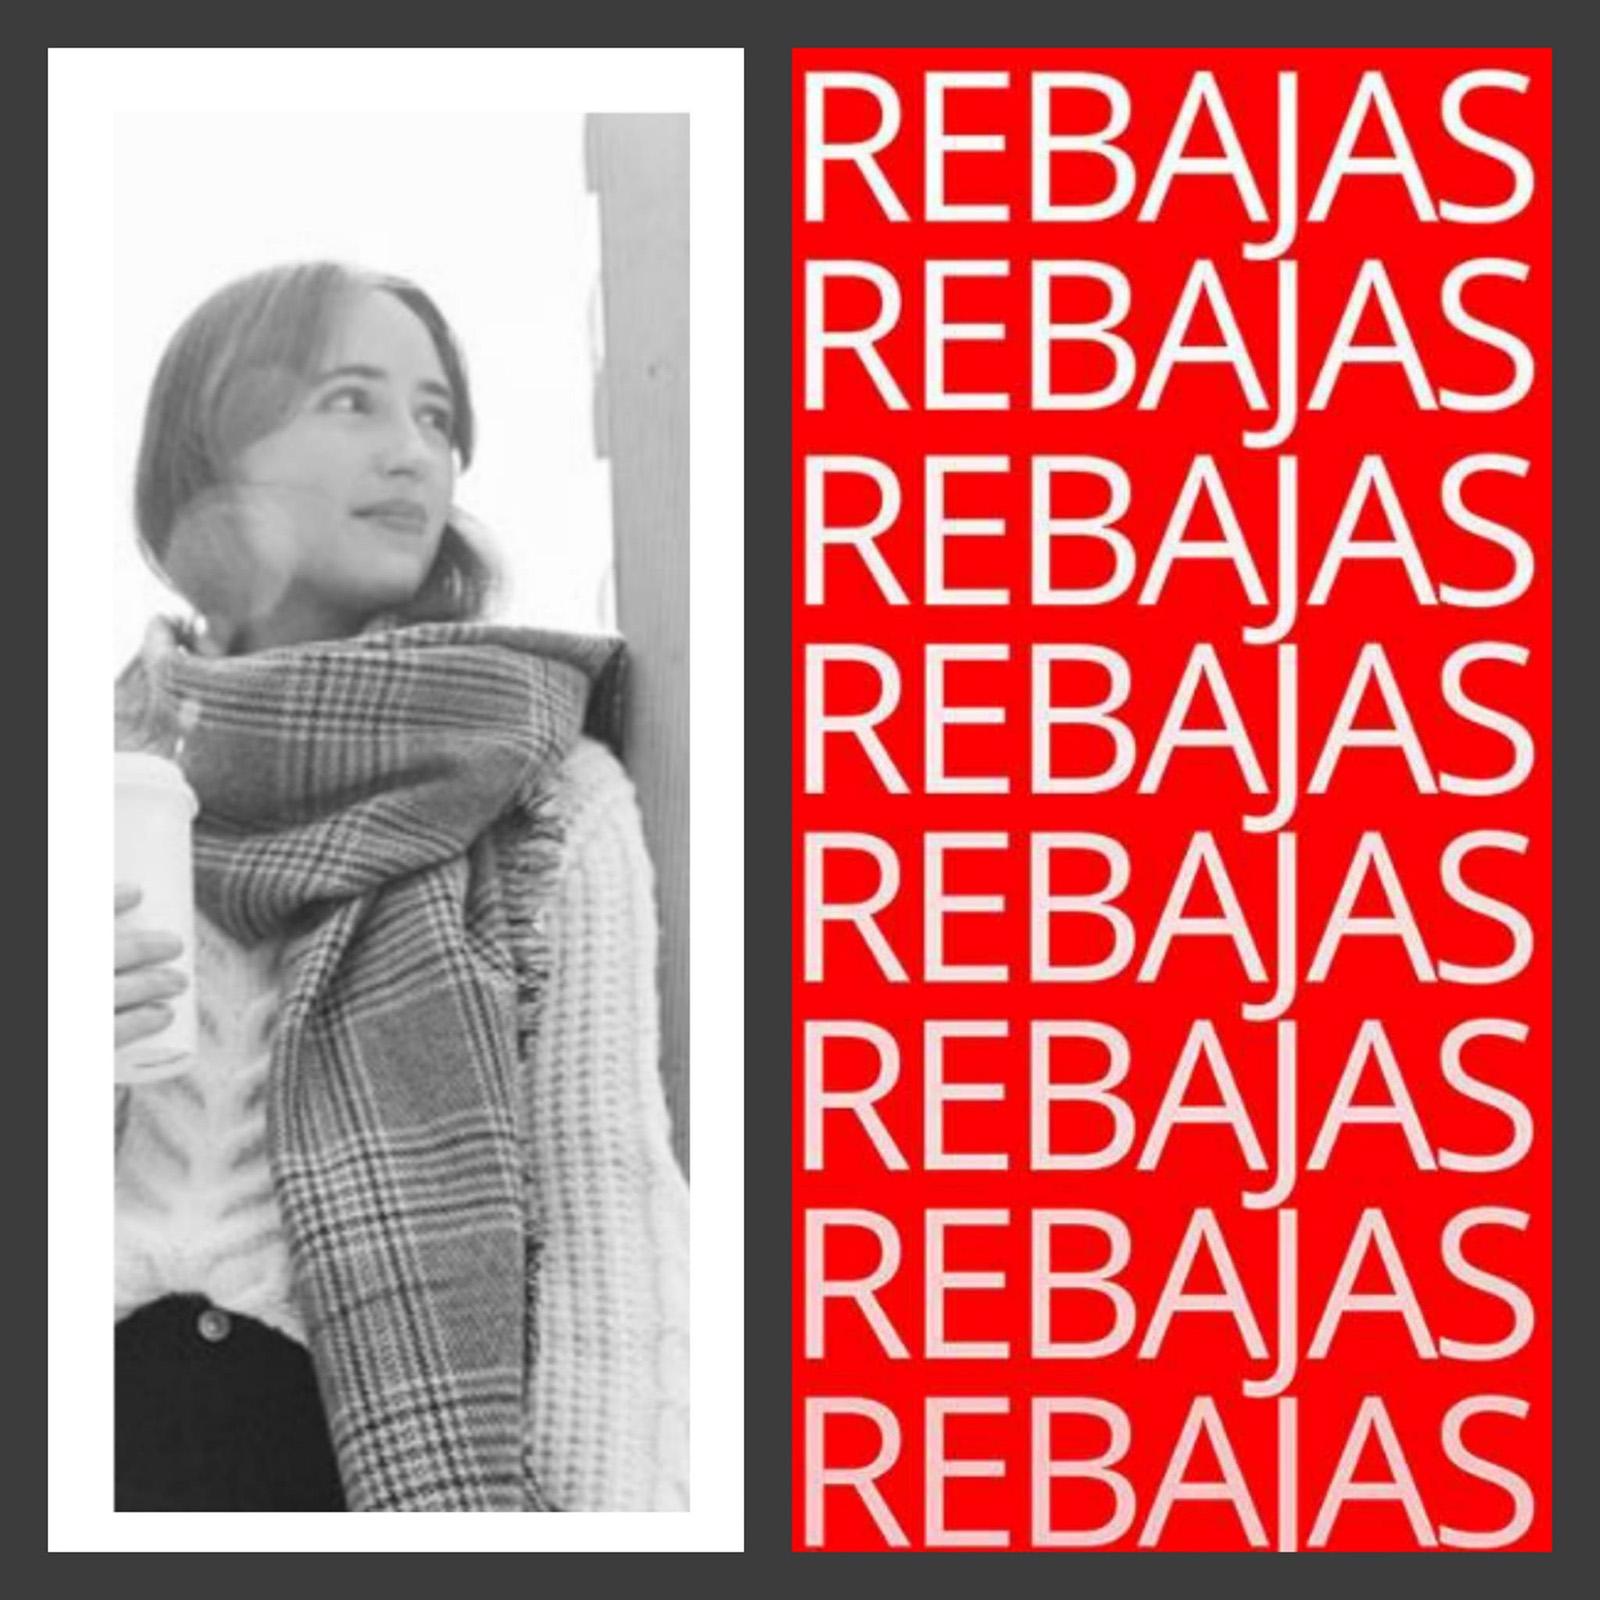 rebajas_3